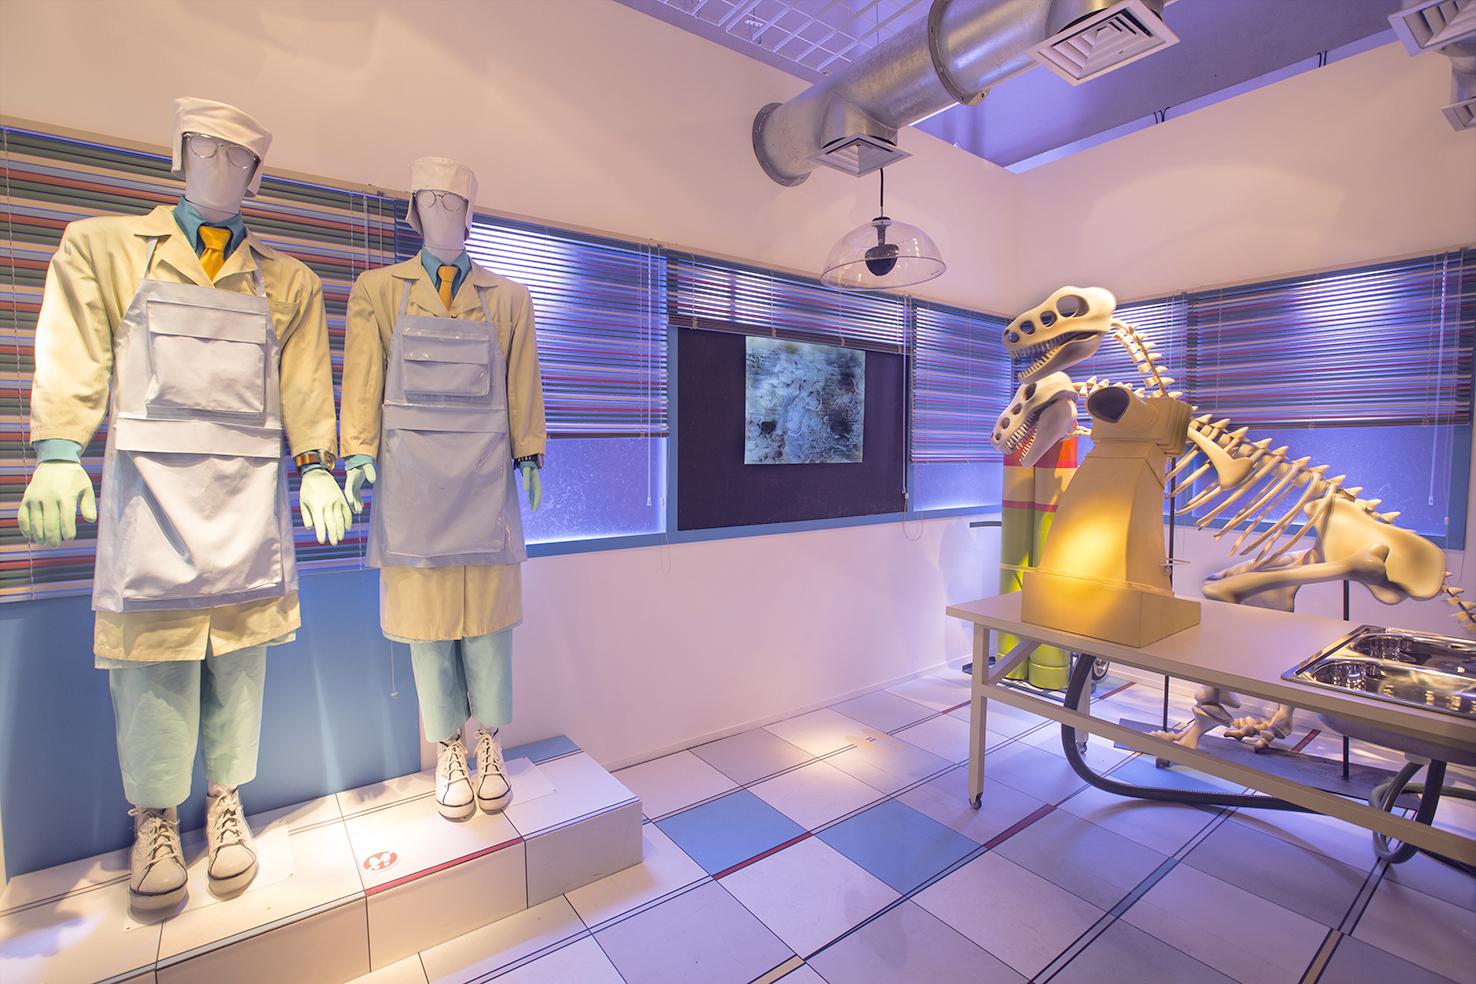 Laboratório Tíbio e Perônio Castelo Rá-Tim-Bum - A exposição Crédito Letícia Godoy